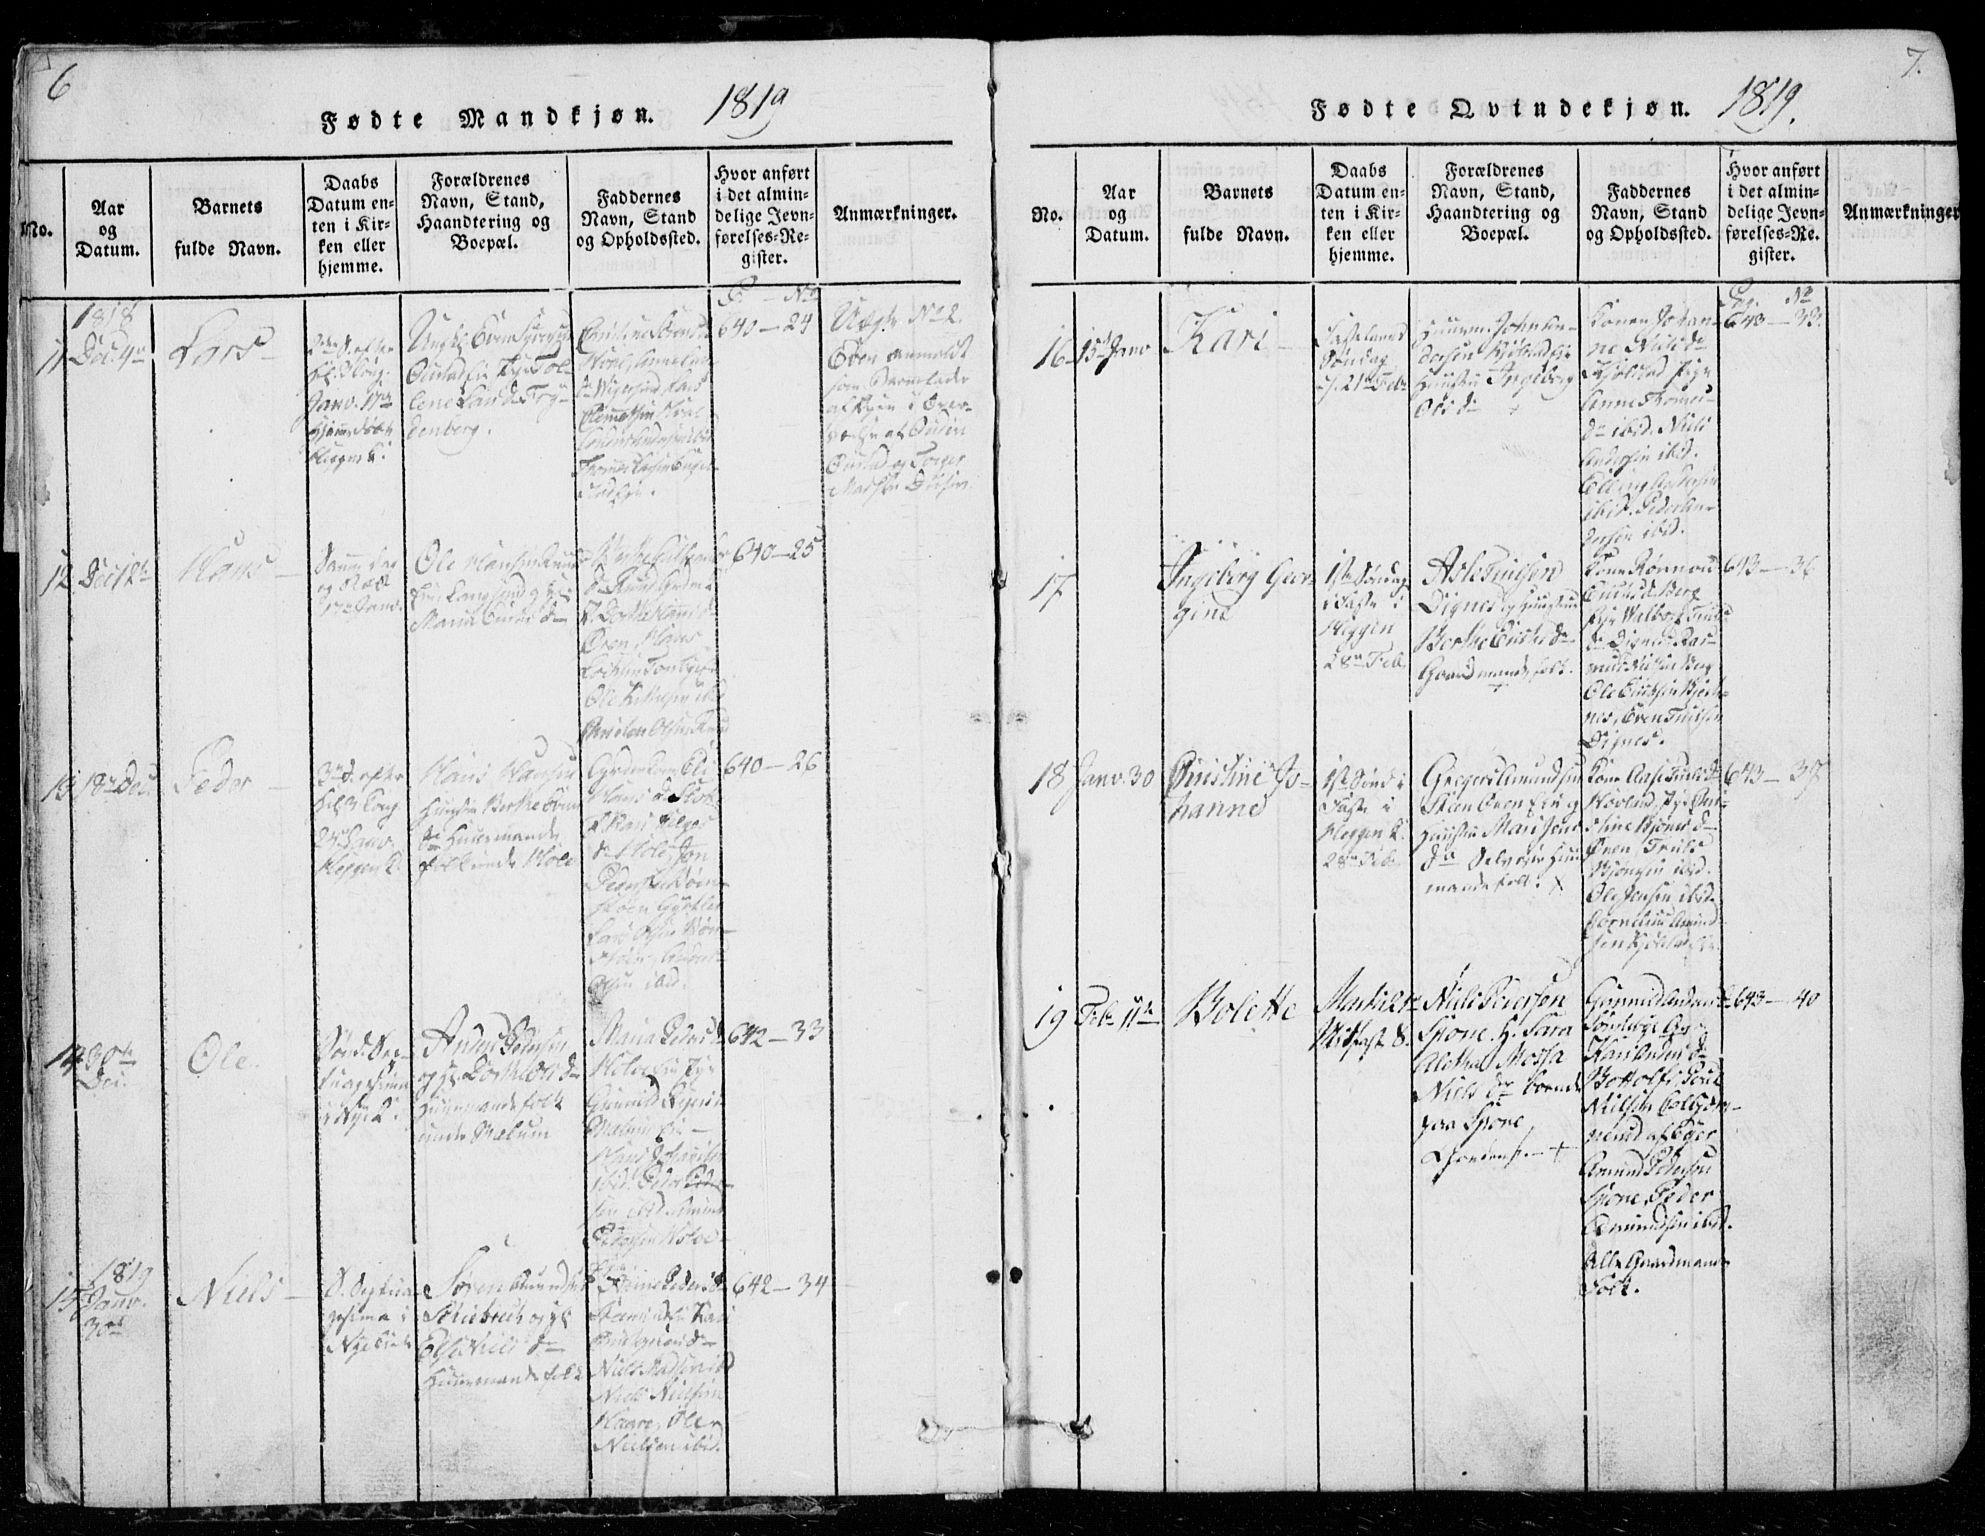 SAKO, Modum kirkebøker, G/Ga/L0001: Klokkerbok nr. I 1, 1818-1824, s. 6-7